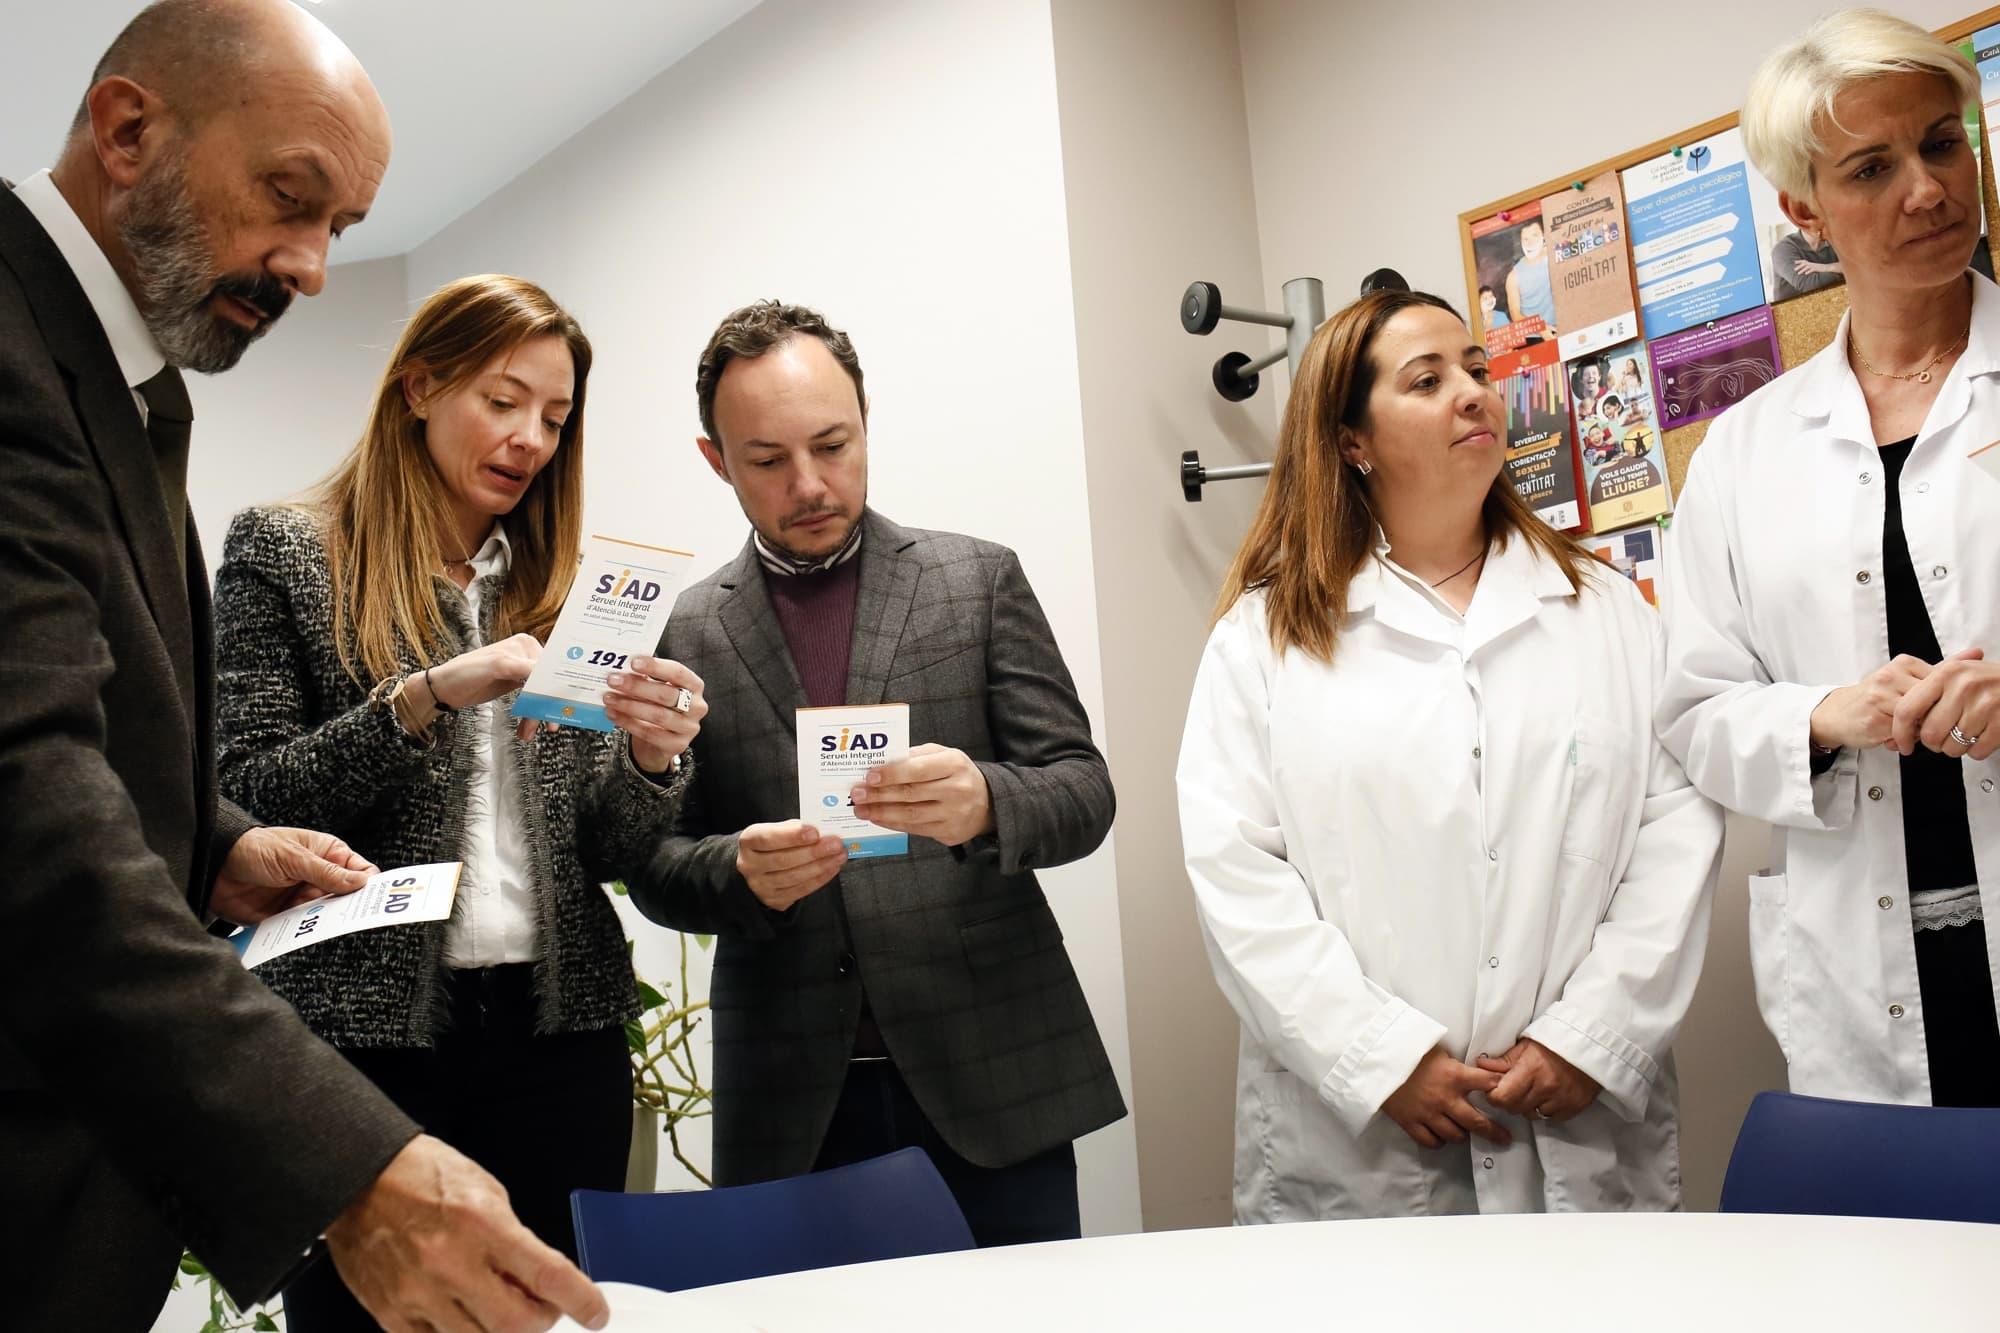 El Copríncep Joan-Enric Vives farà la vista grossa si s'avorta fora d'Andorra